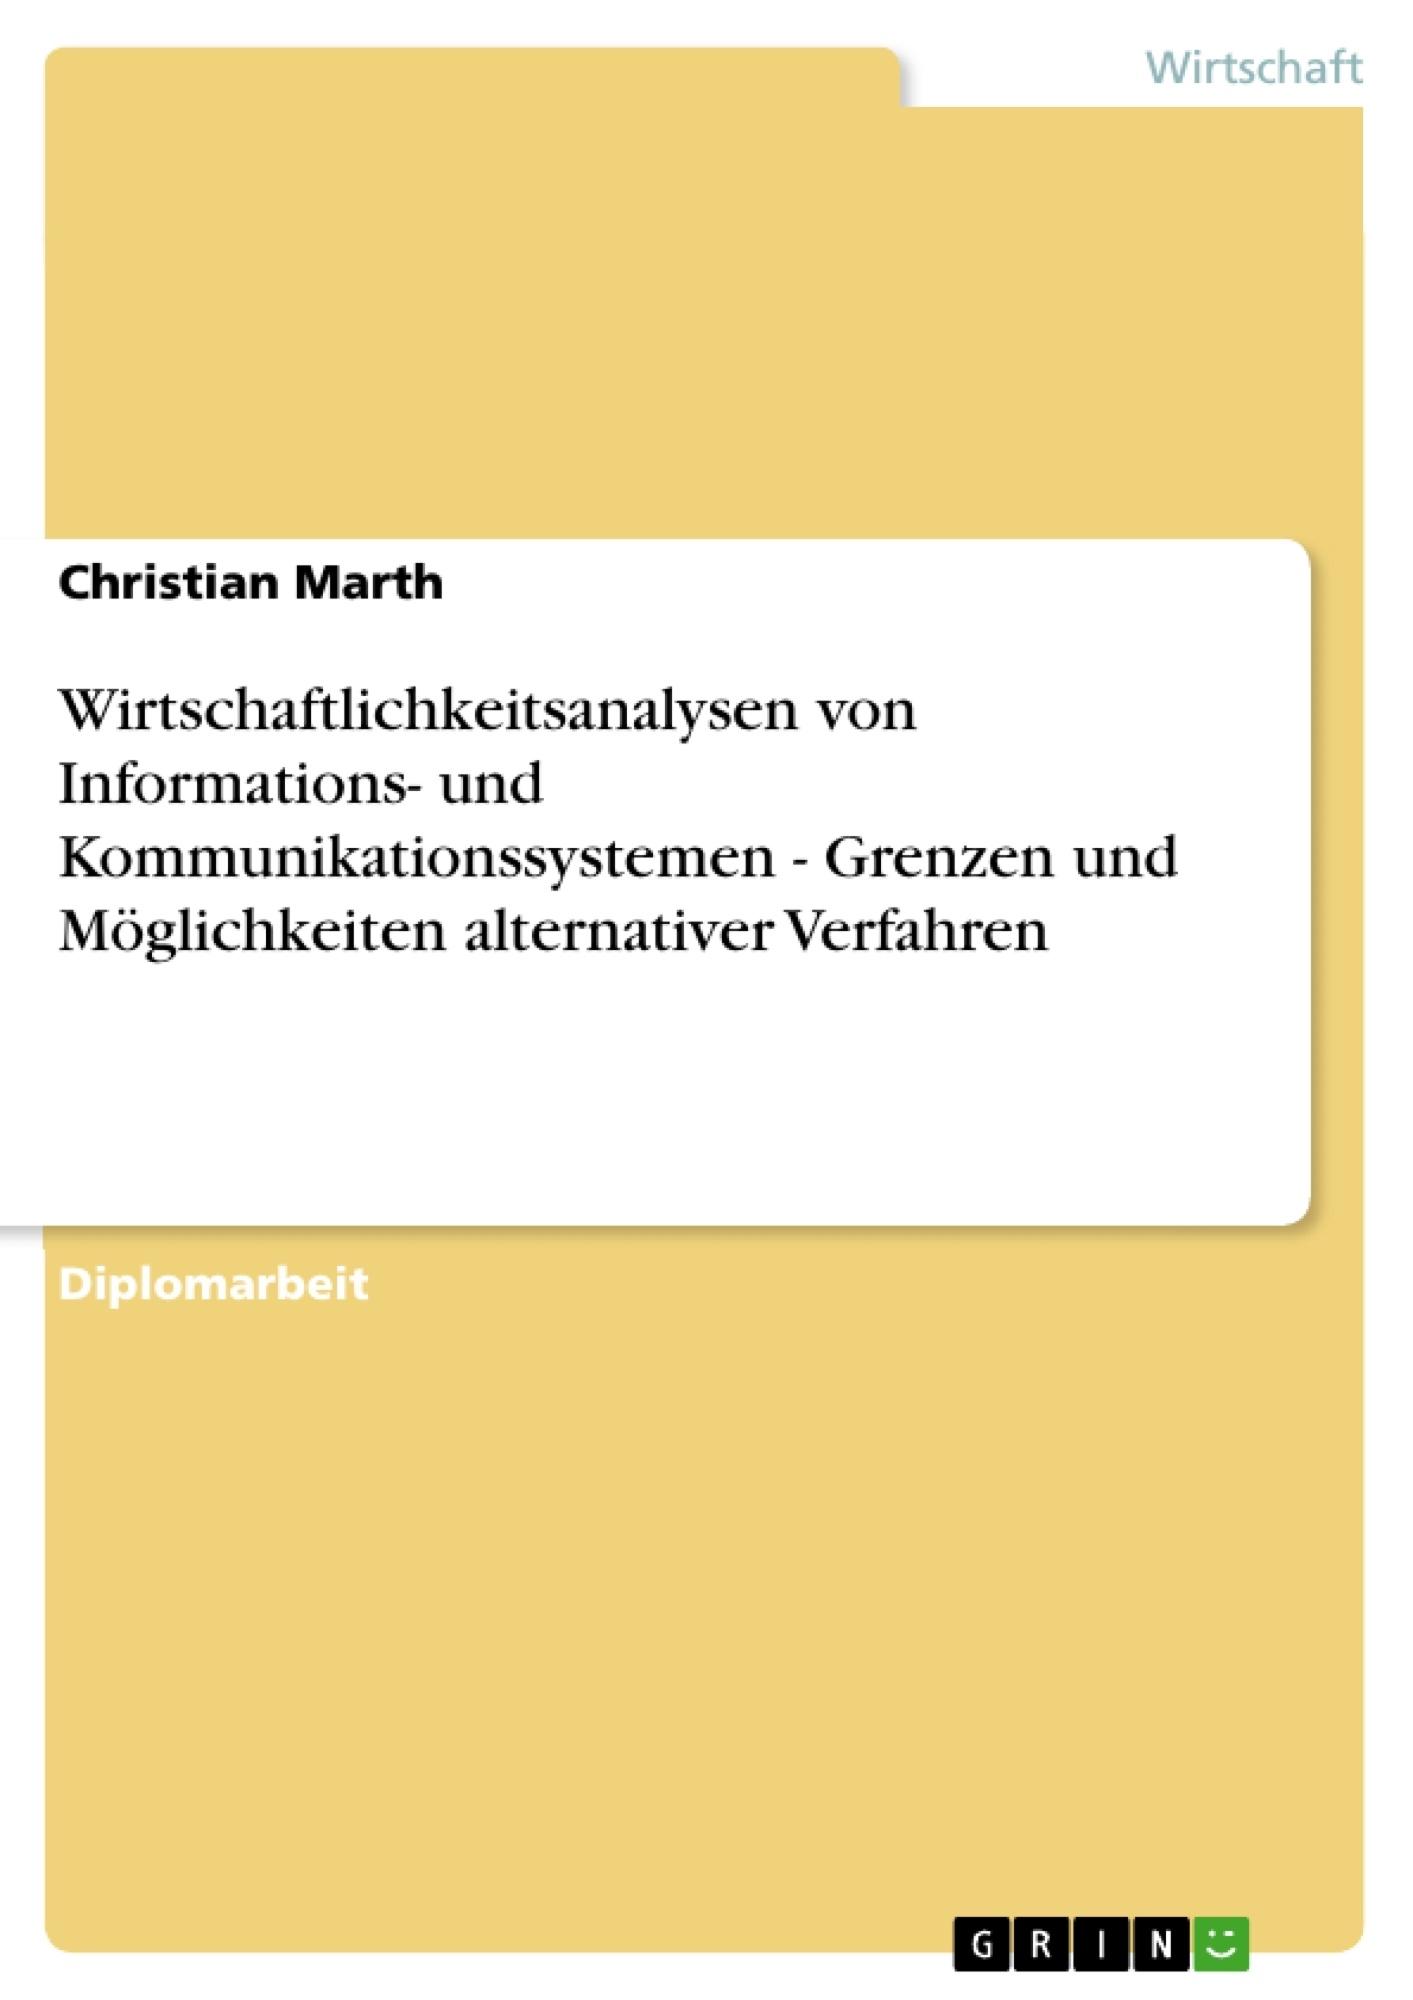 Titel: Wirtschaftlichkeitsanalysen von Informations- und Kommunikationssystemen - Grenzen und Möglichkeiten alternativer Verfahren